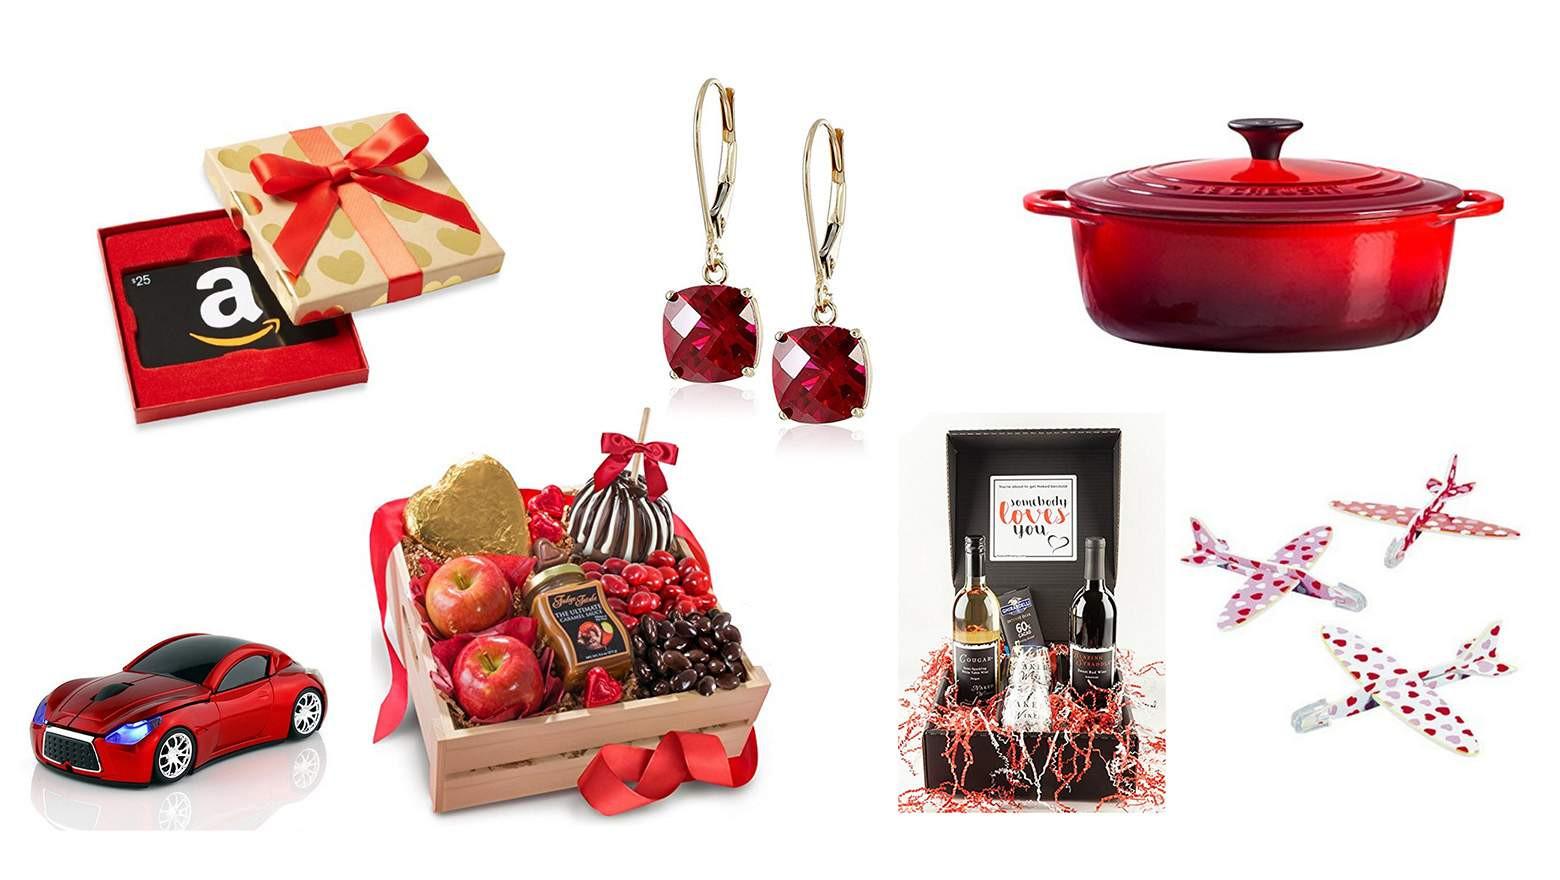 Best Guy Valentines Day Gift Ideas  Top 10 Best Last Minute Valentine's Day Gift Ideas